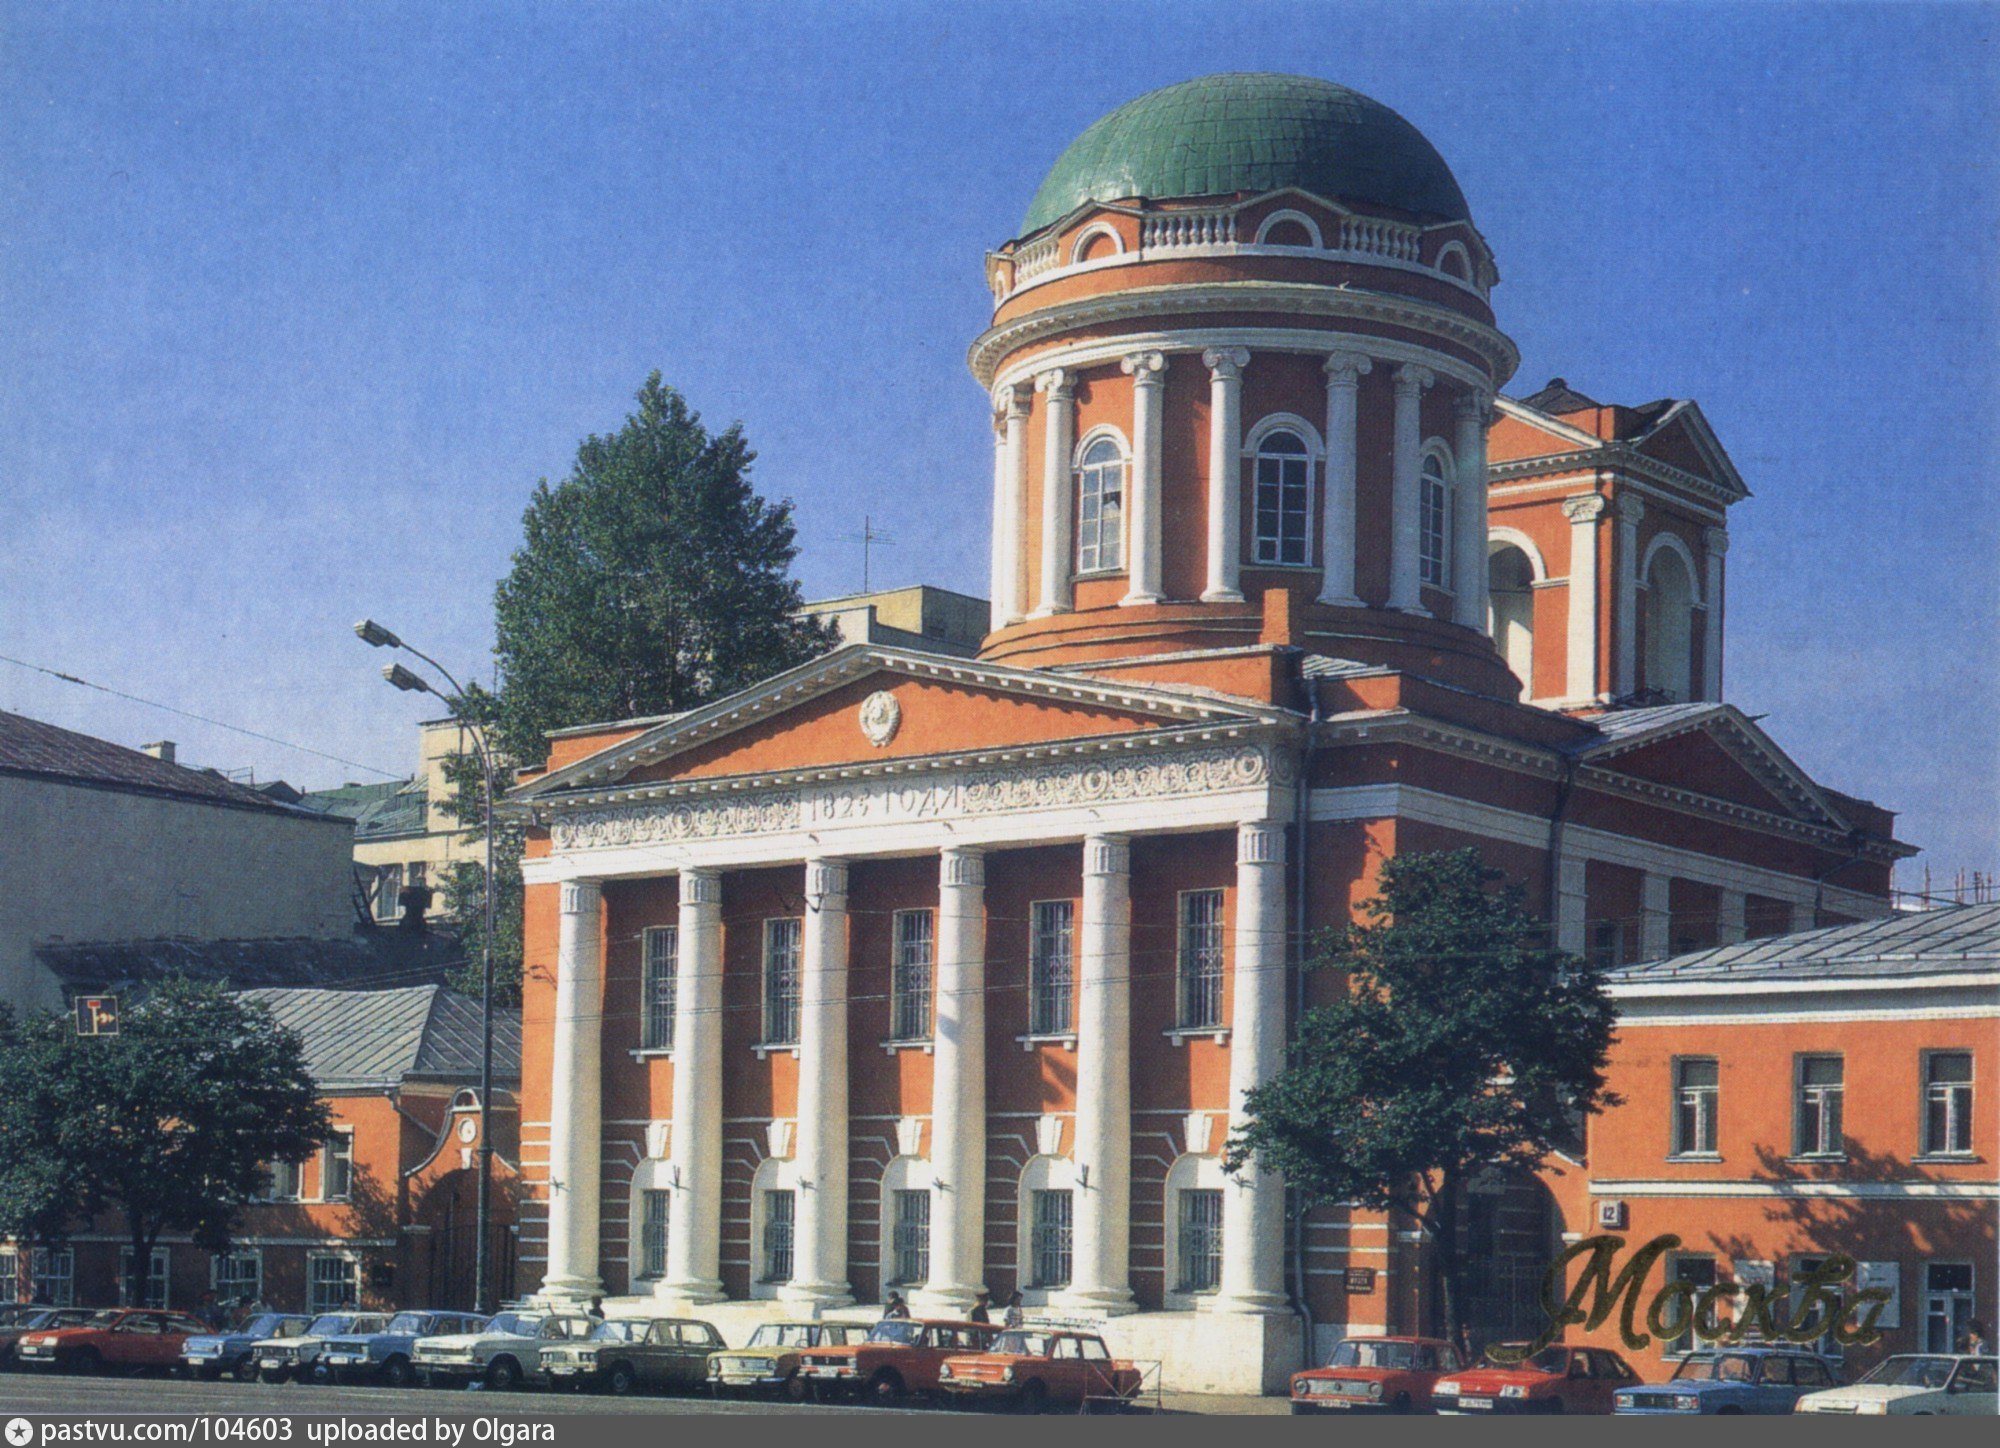 музеи москвы фото с названиями и прагматичным